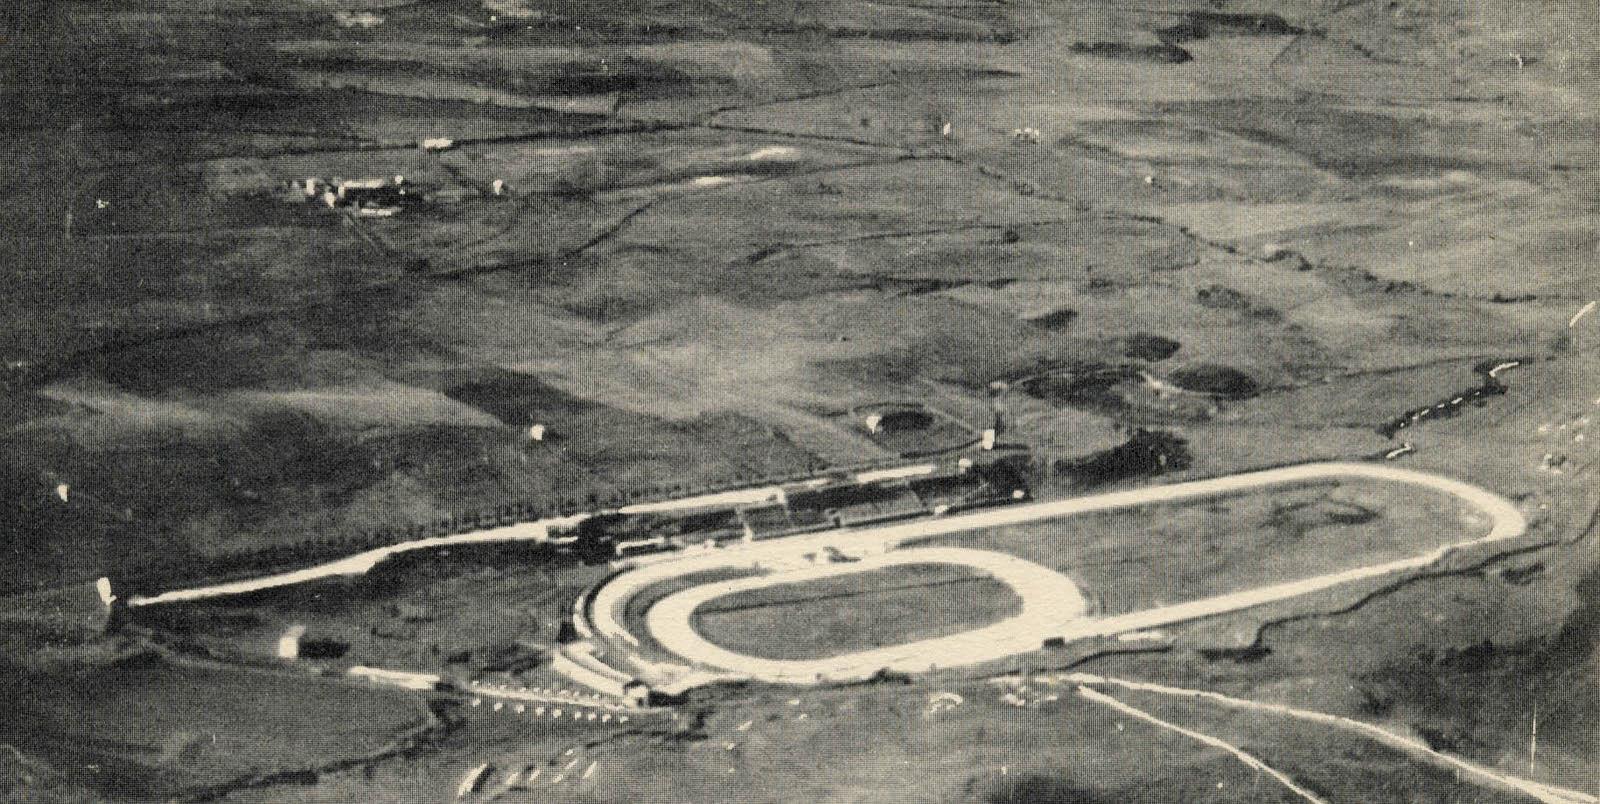 Circuito Vallelunga : Sbk vallelunga circuito di riserva del mondiale nel e